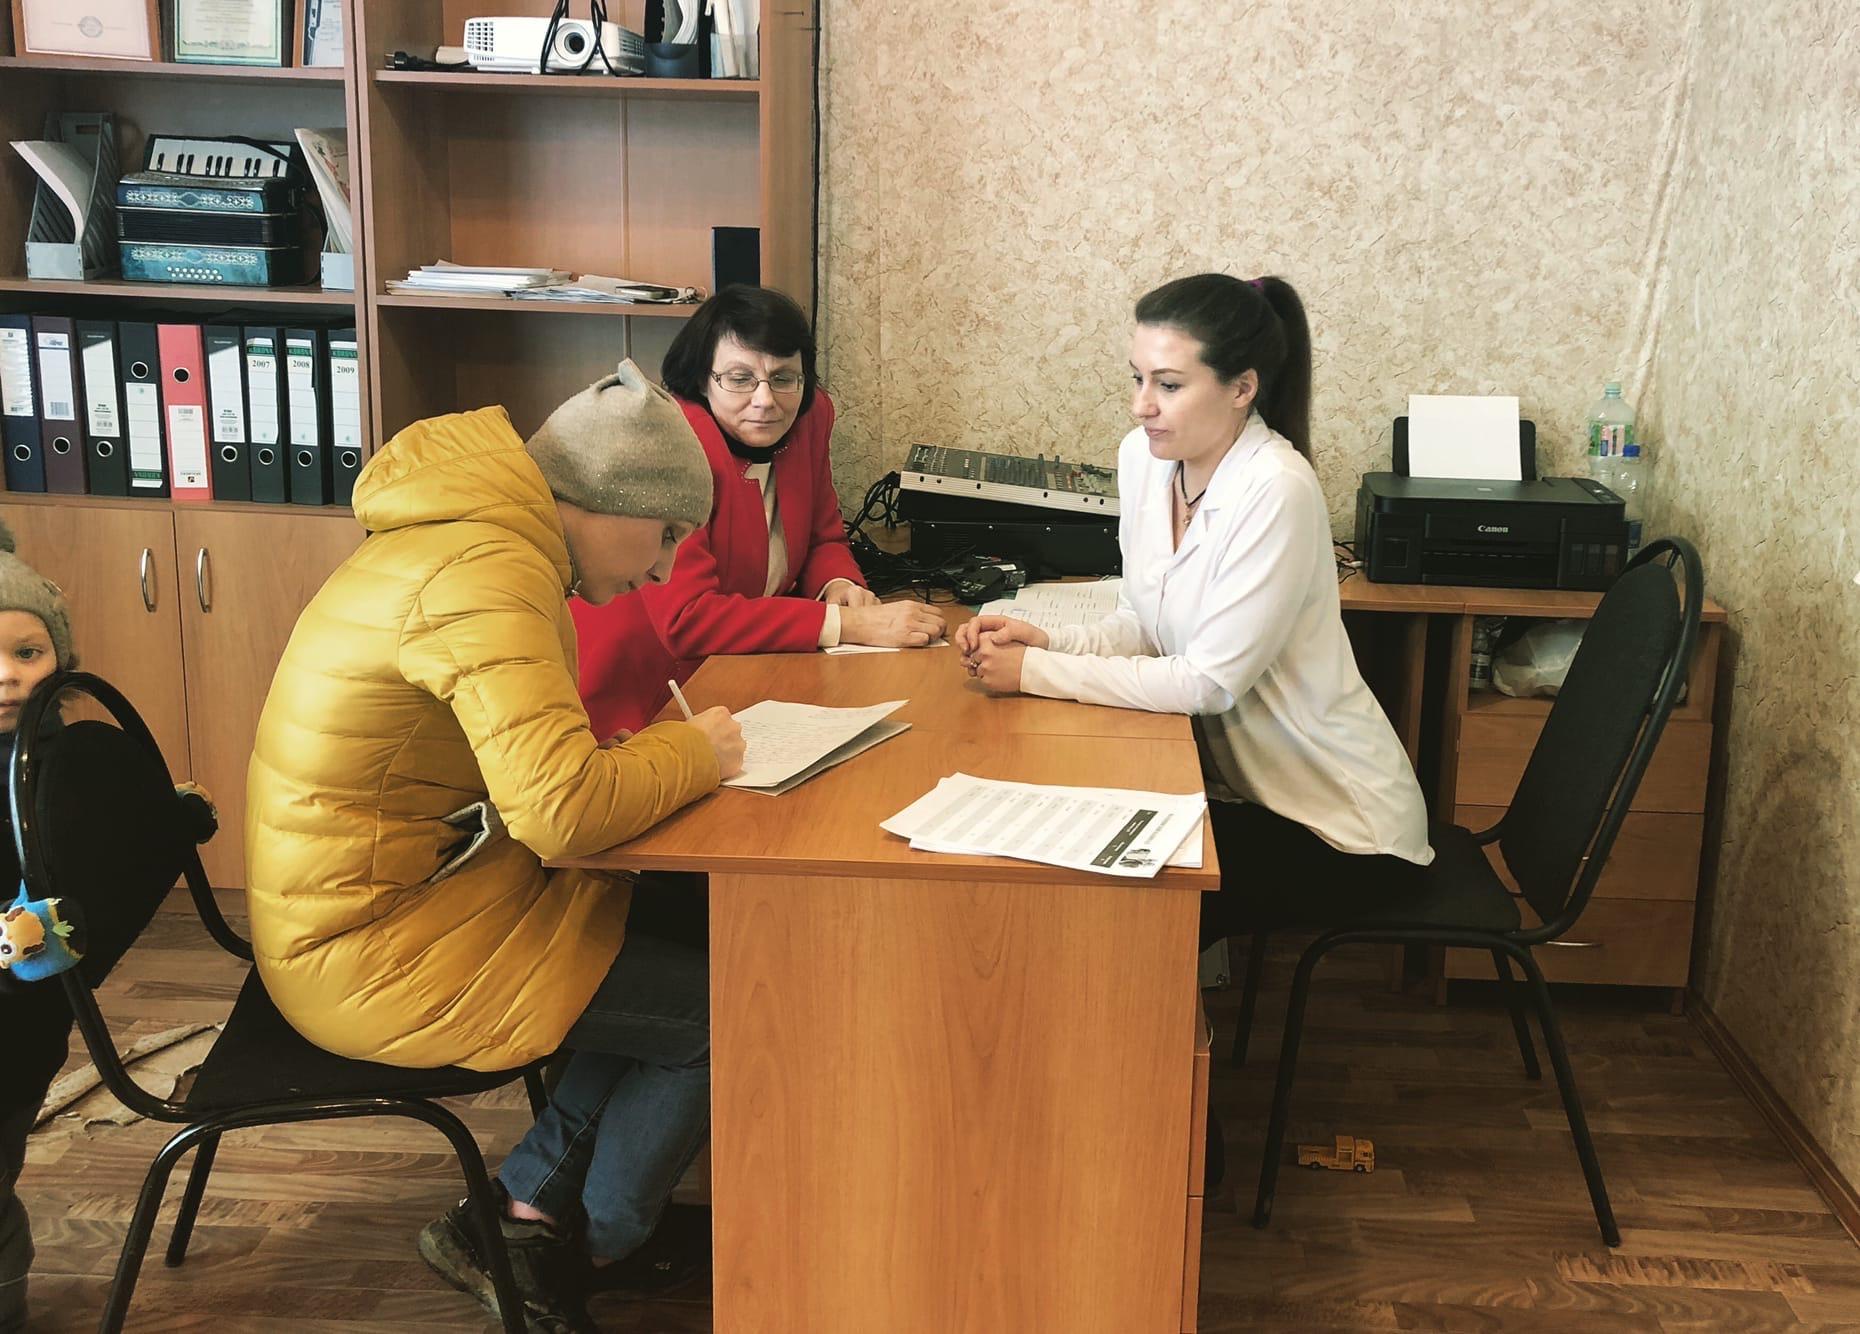 Анна Виноградова: «За прошедшие 5 лет в Верхневолжье демографическая политика шла по направлению развития»